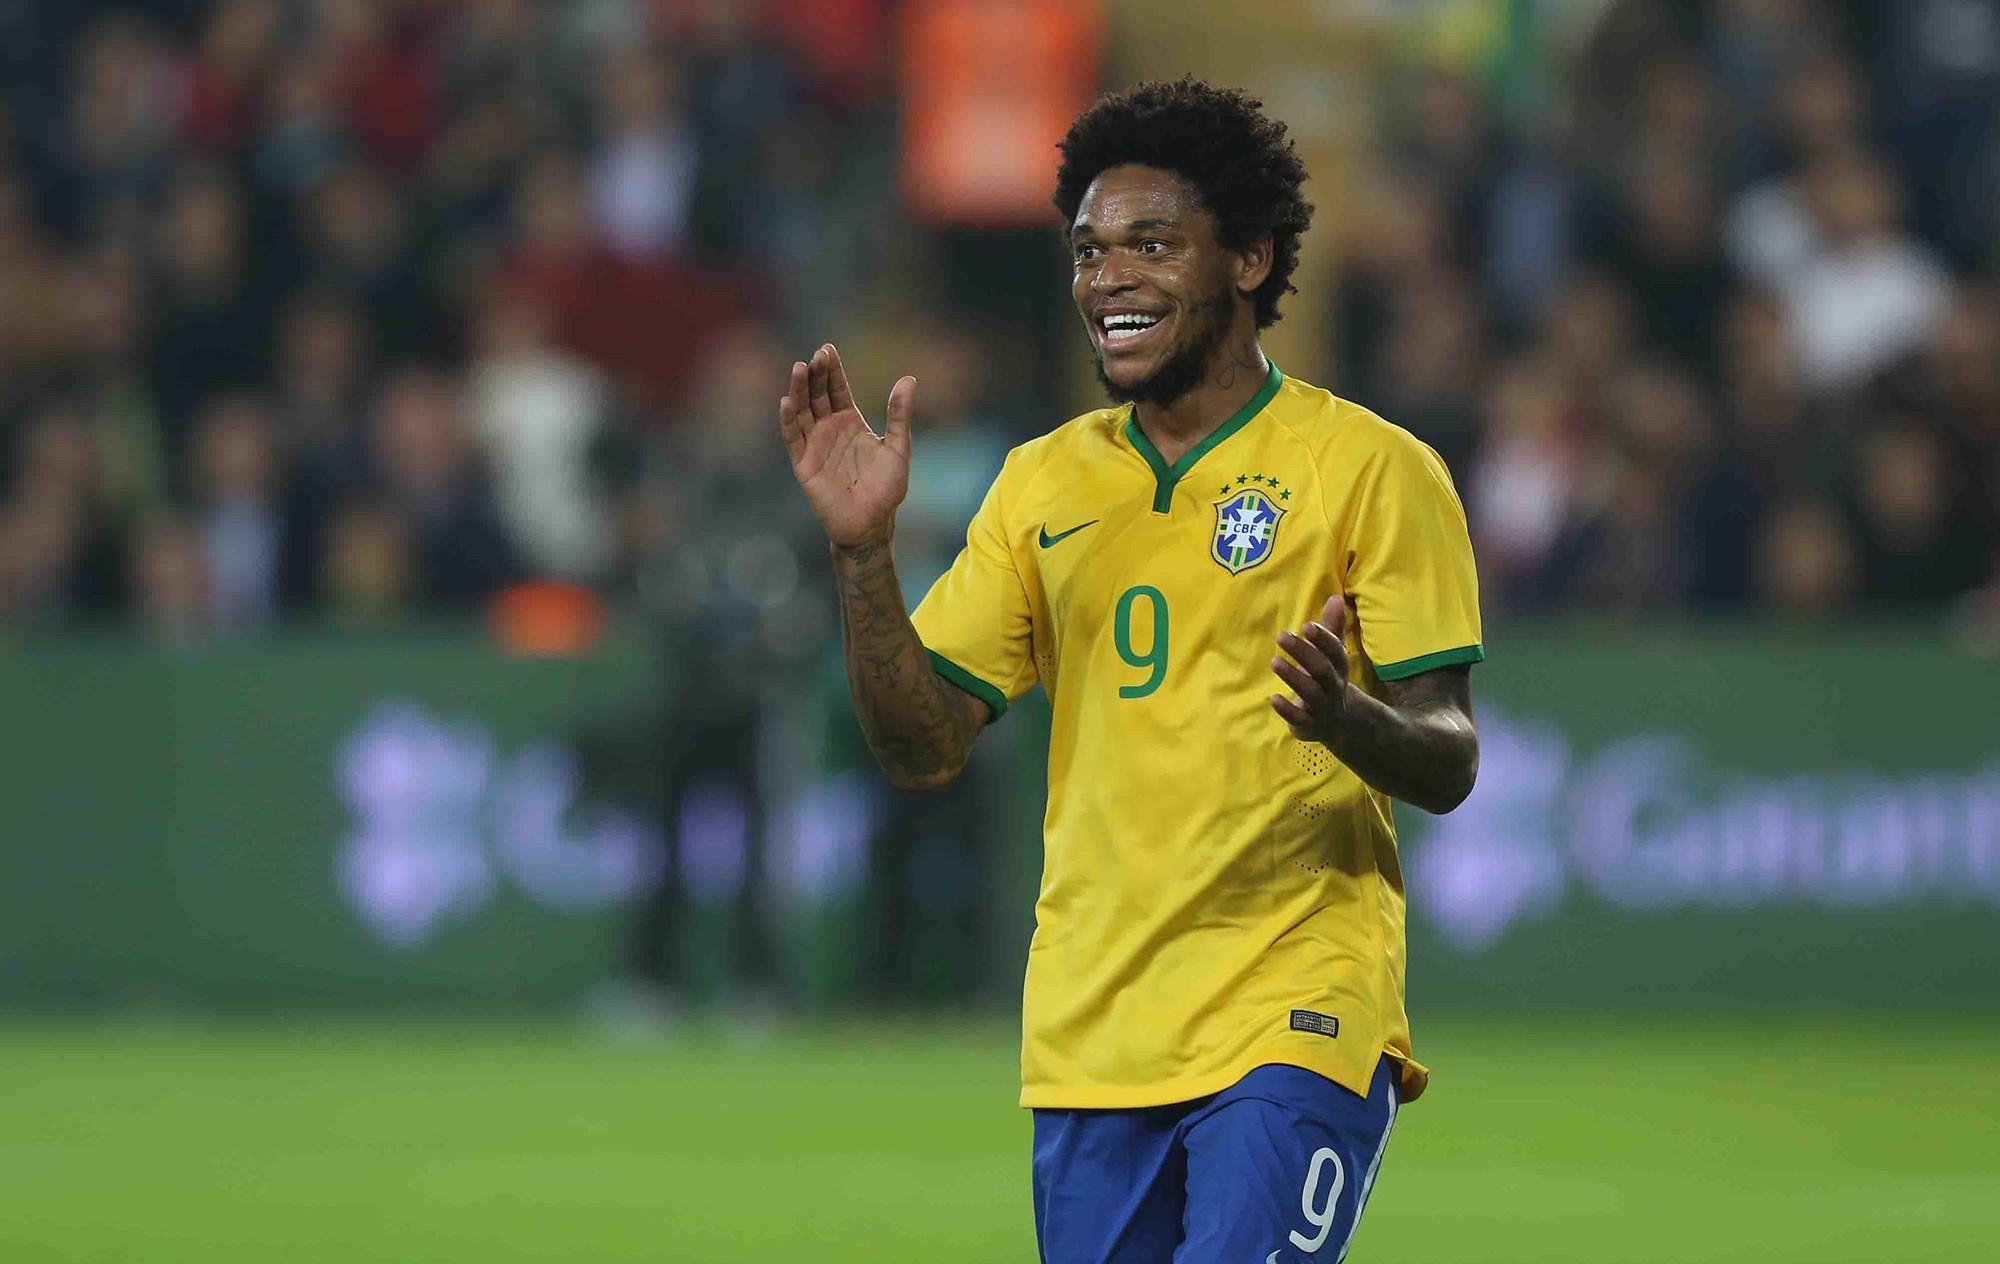 RANDOMNESS Brazil